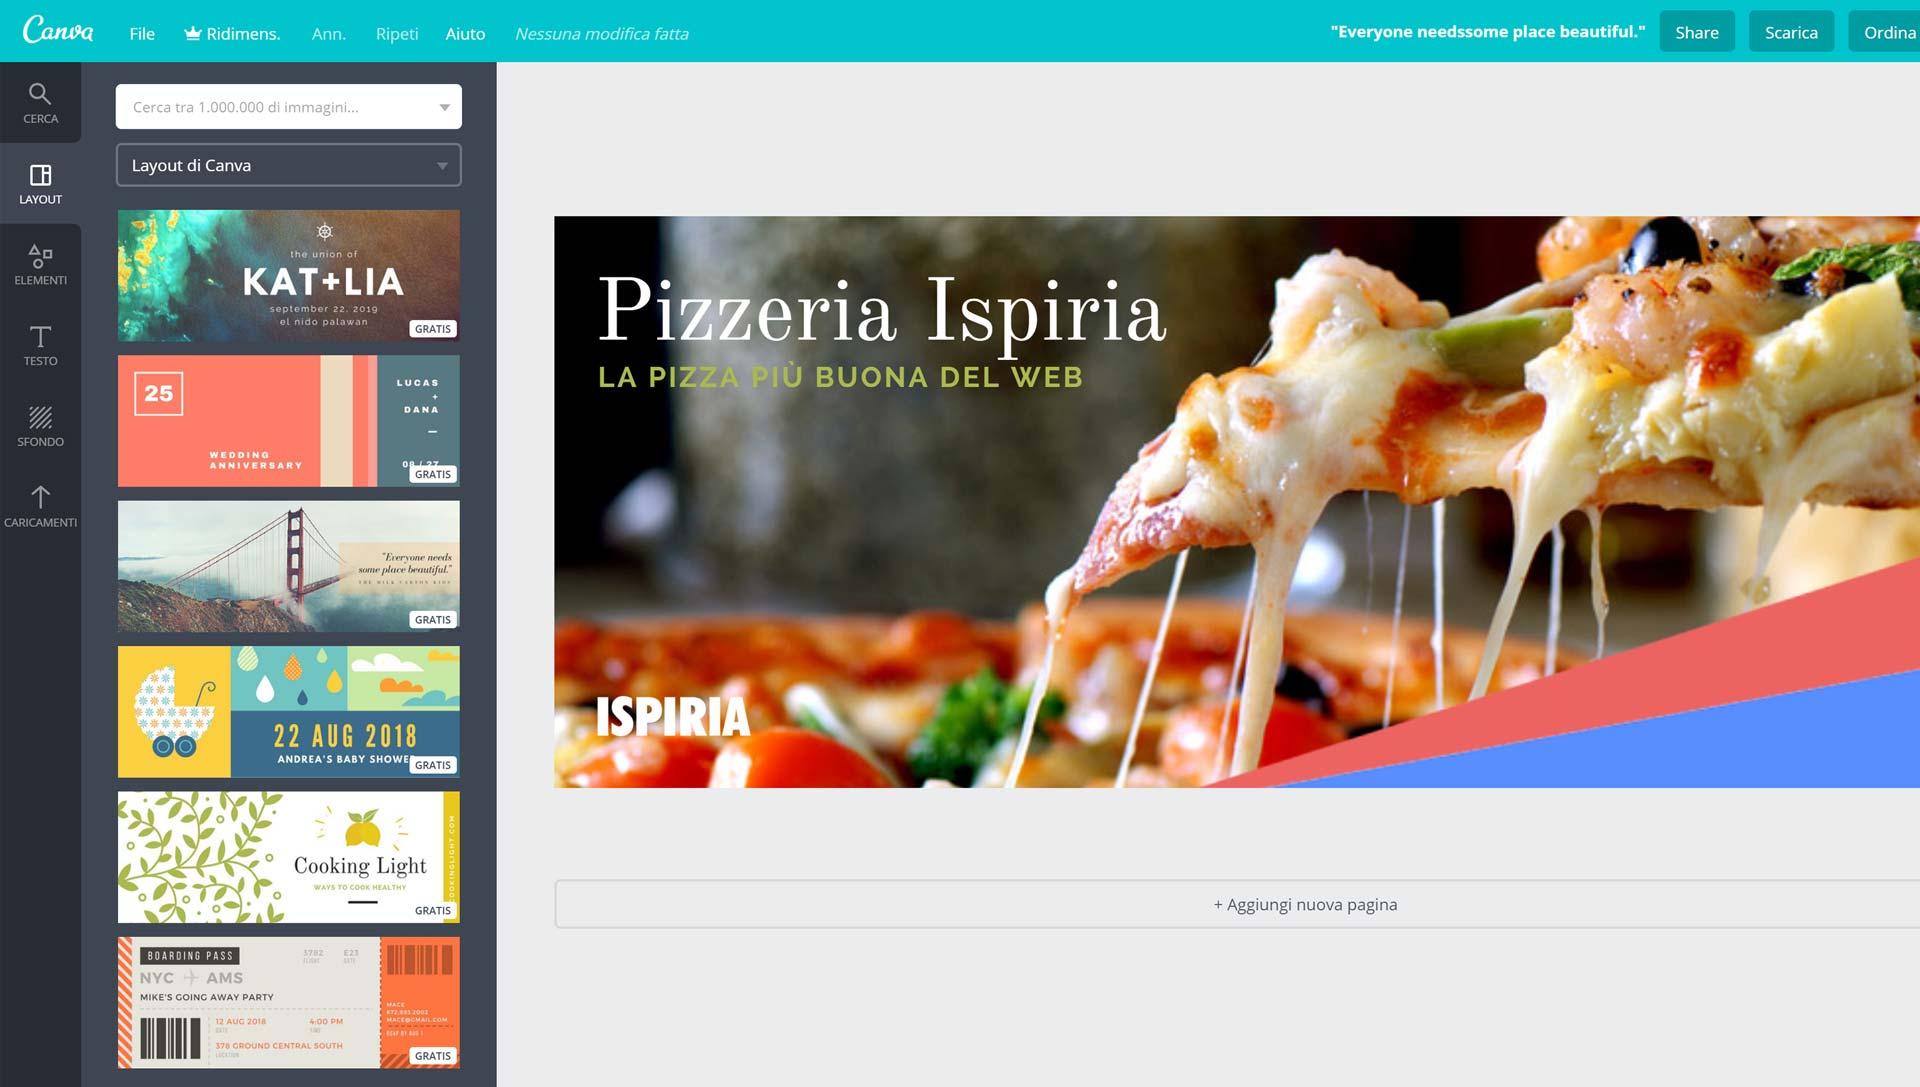 Creare Grafica Immagini GRATIS Per Social Media | Effetti / Filtri / Testi